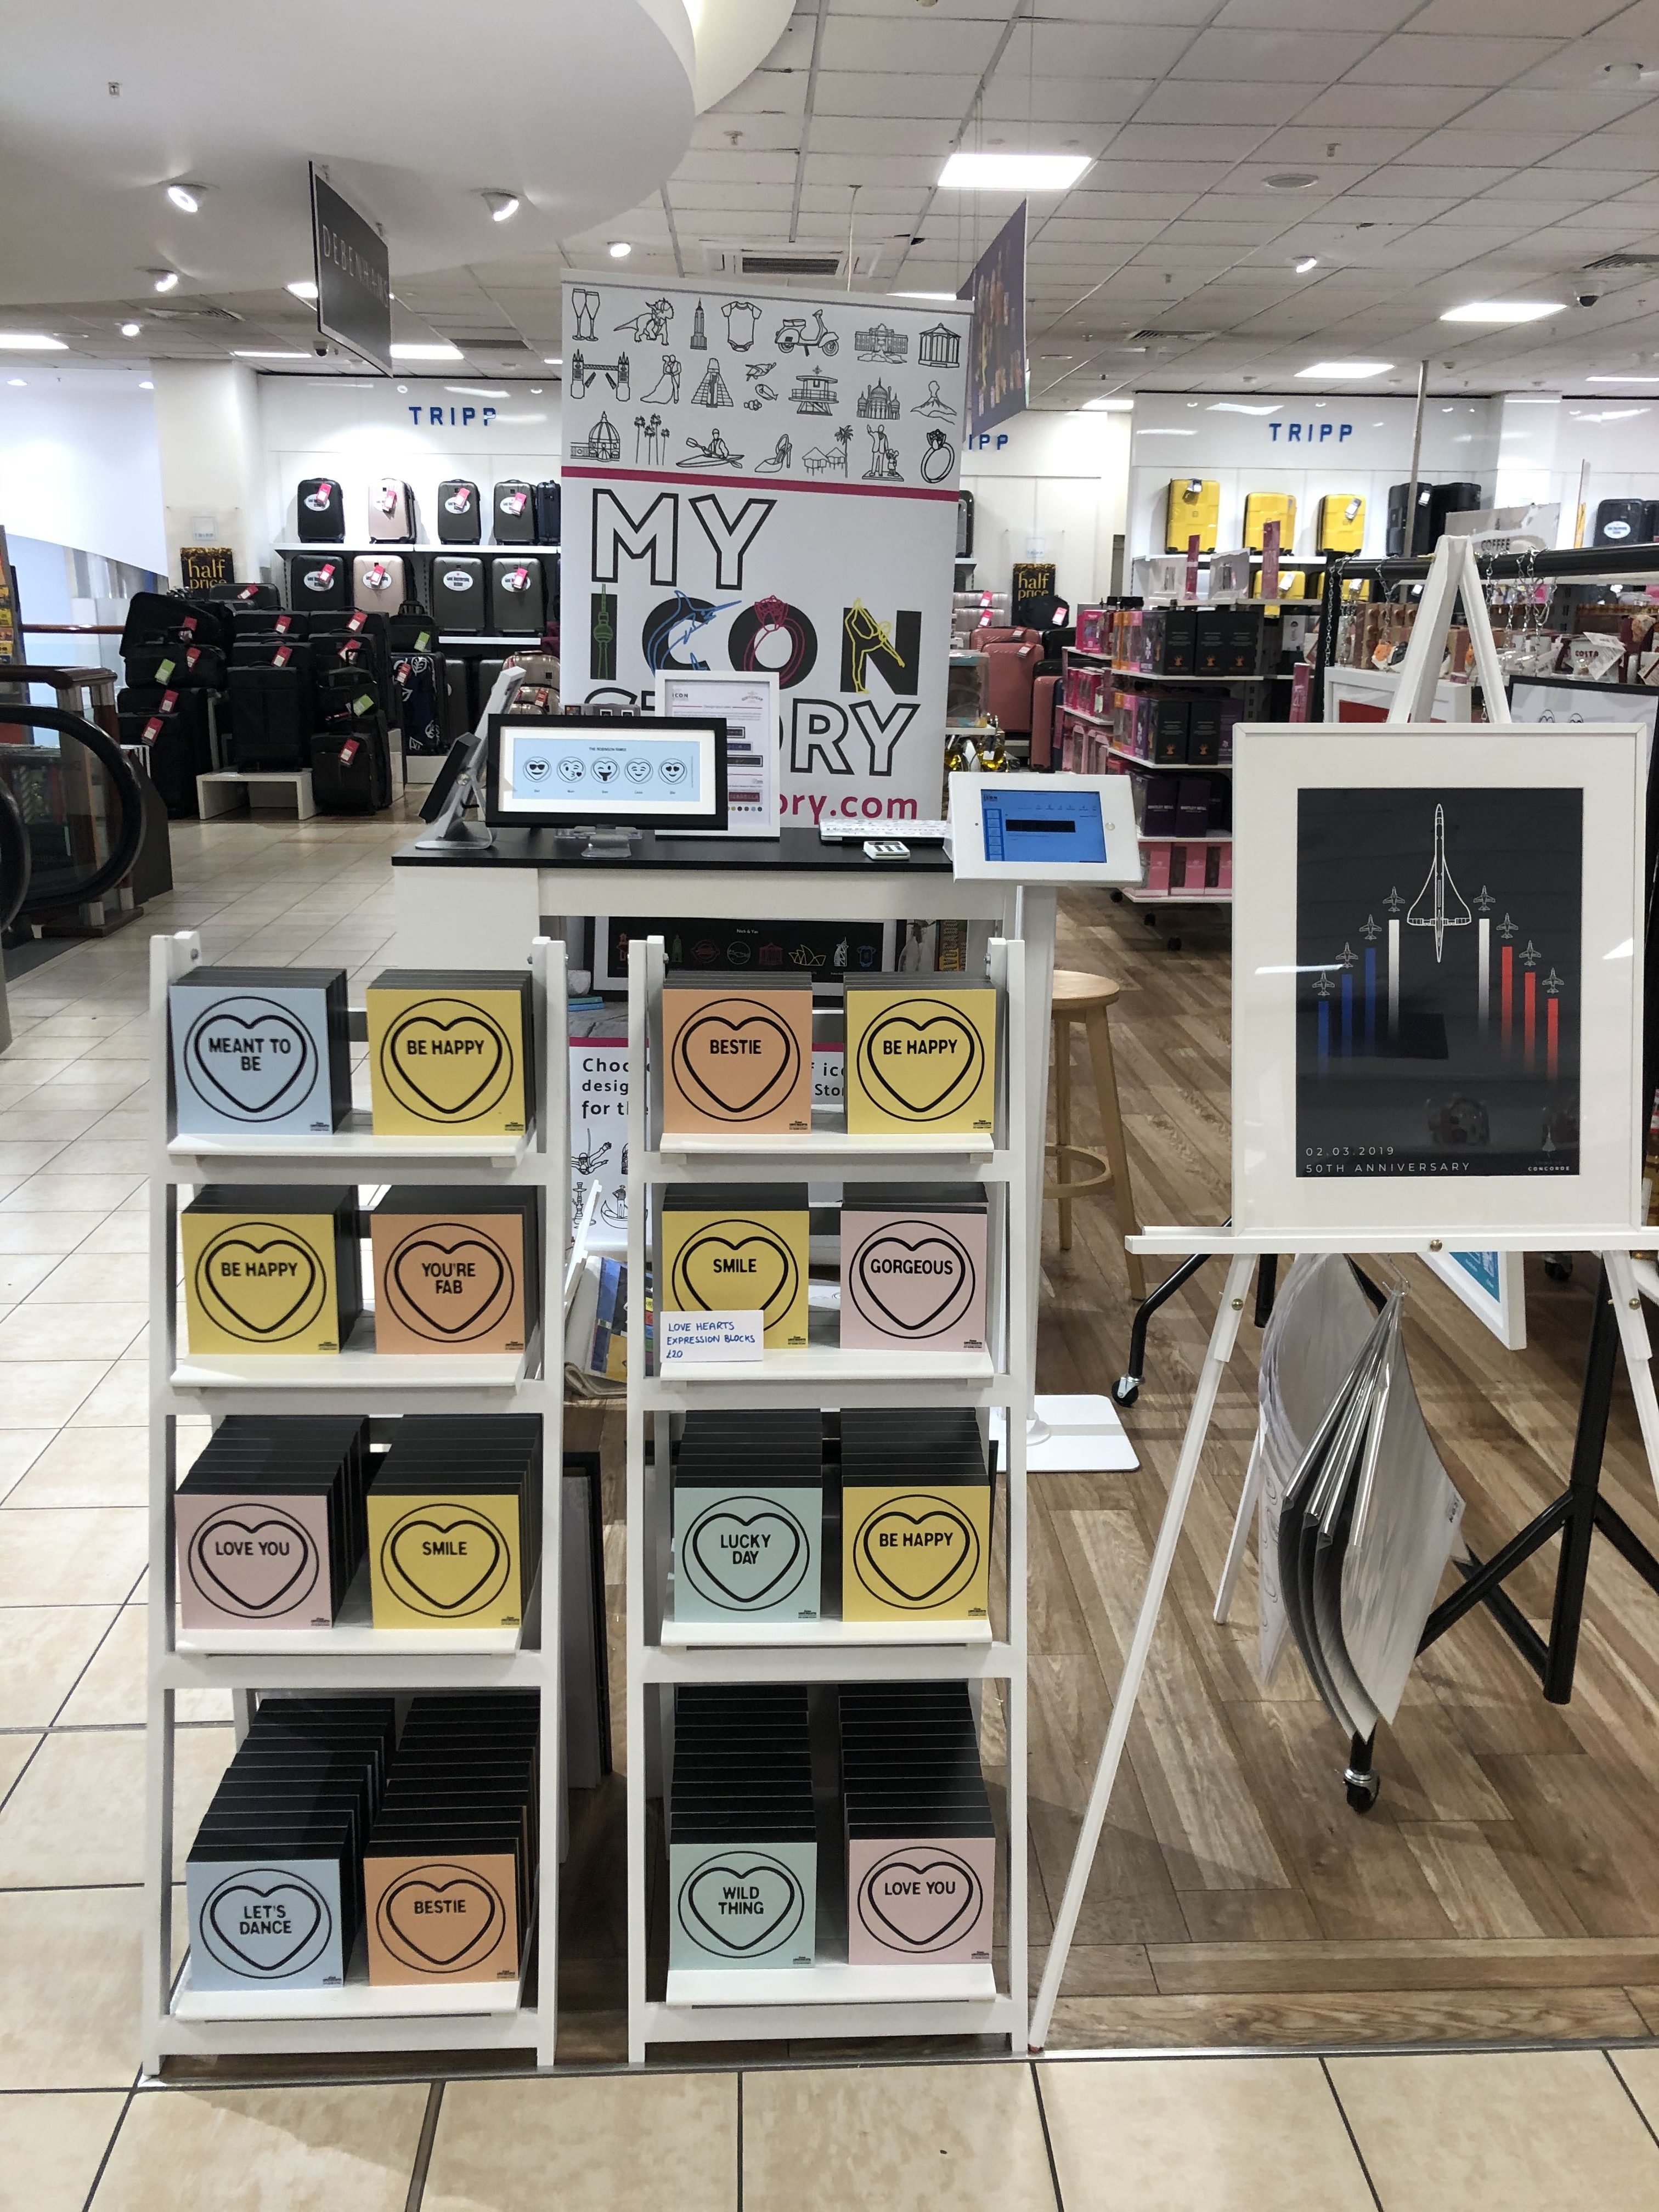 My Icon Story popup shop Love Hearts display in Debenhams Brighton